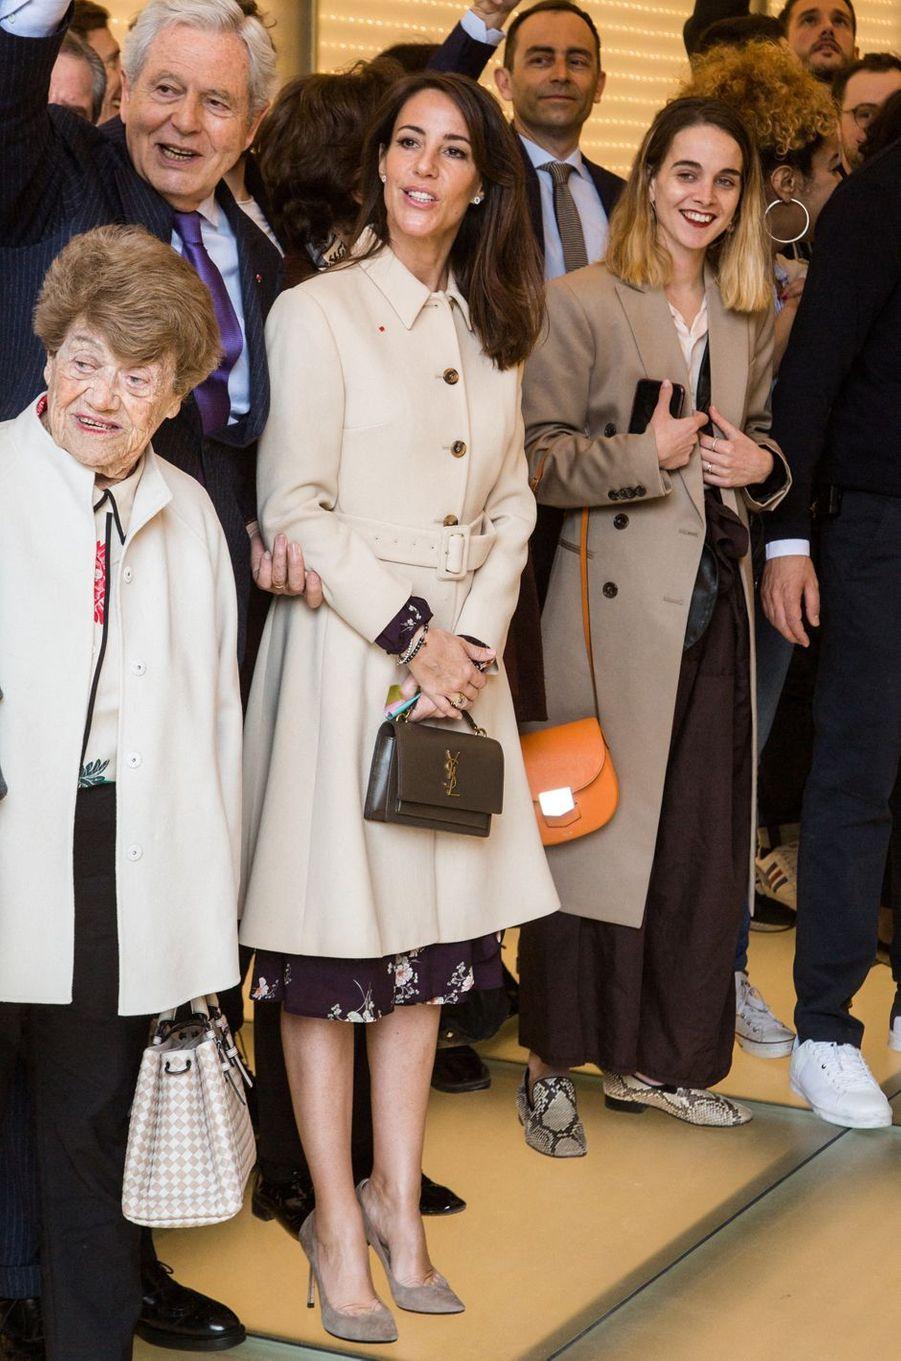 La princesse Marie de Danemark avec Philippe Houzé, président du directoire des Galeries Lafayette, à Paris le 28 mars 2019